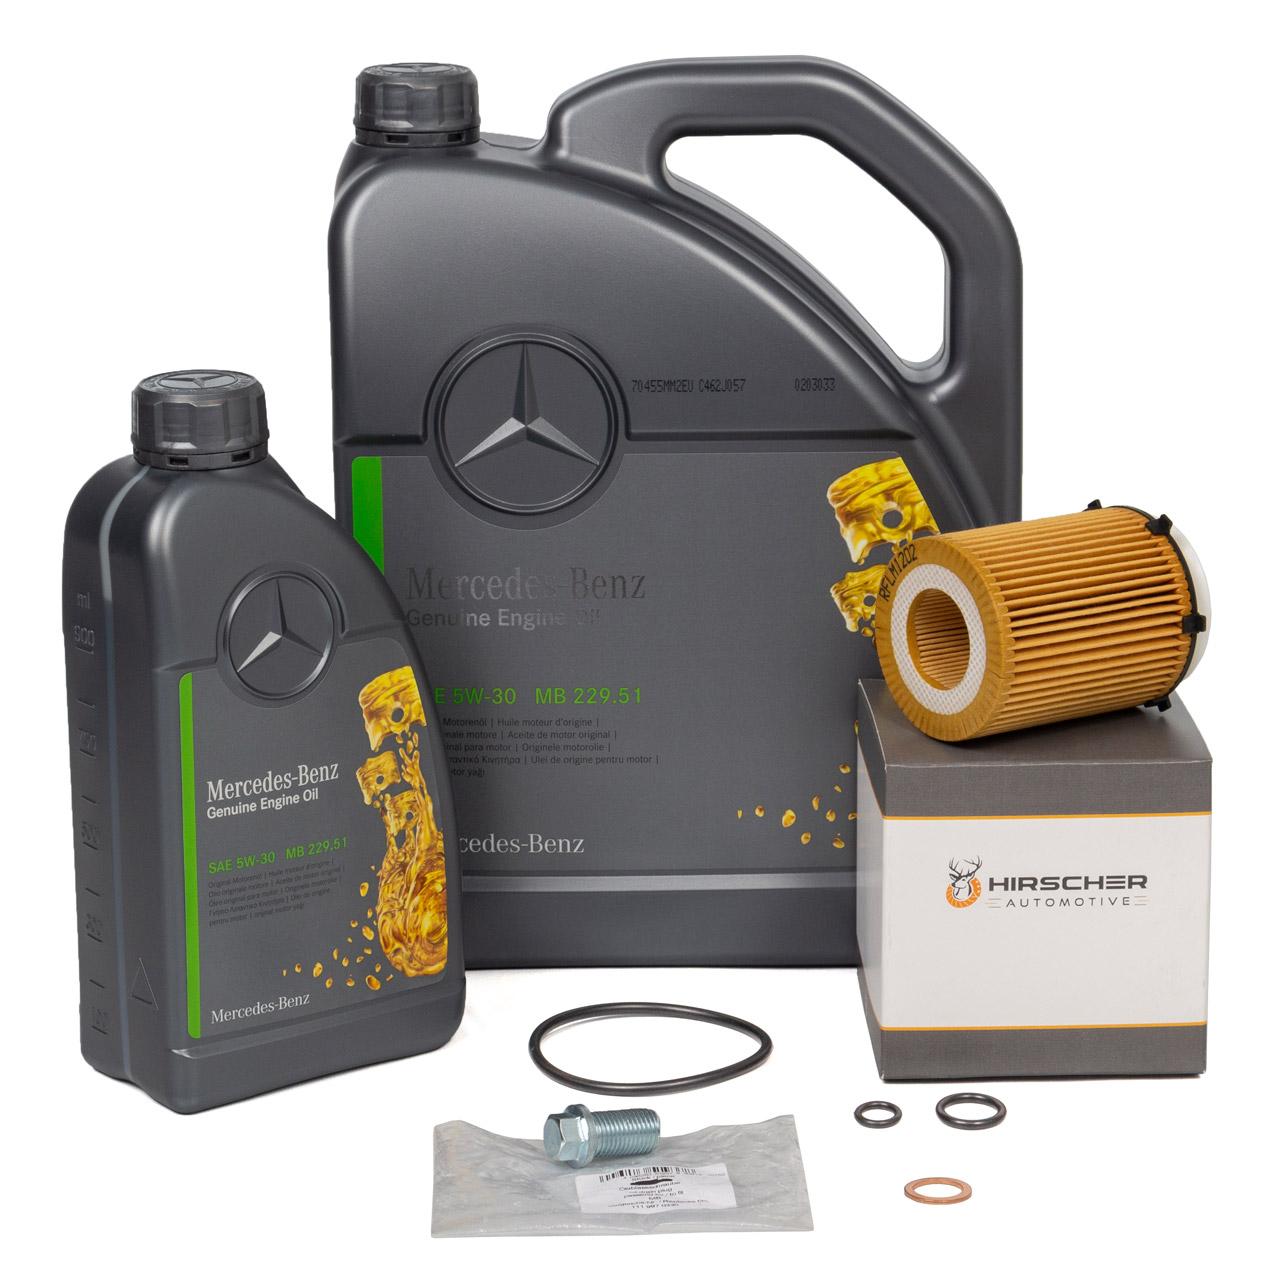 ORIGINAL Mercedes Motoröl 5W-30 MB 229.51 6 Liter + HIRSCHER Ölfilter 2701800109